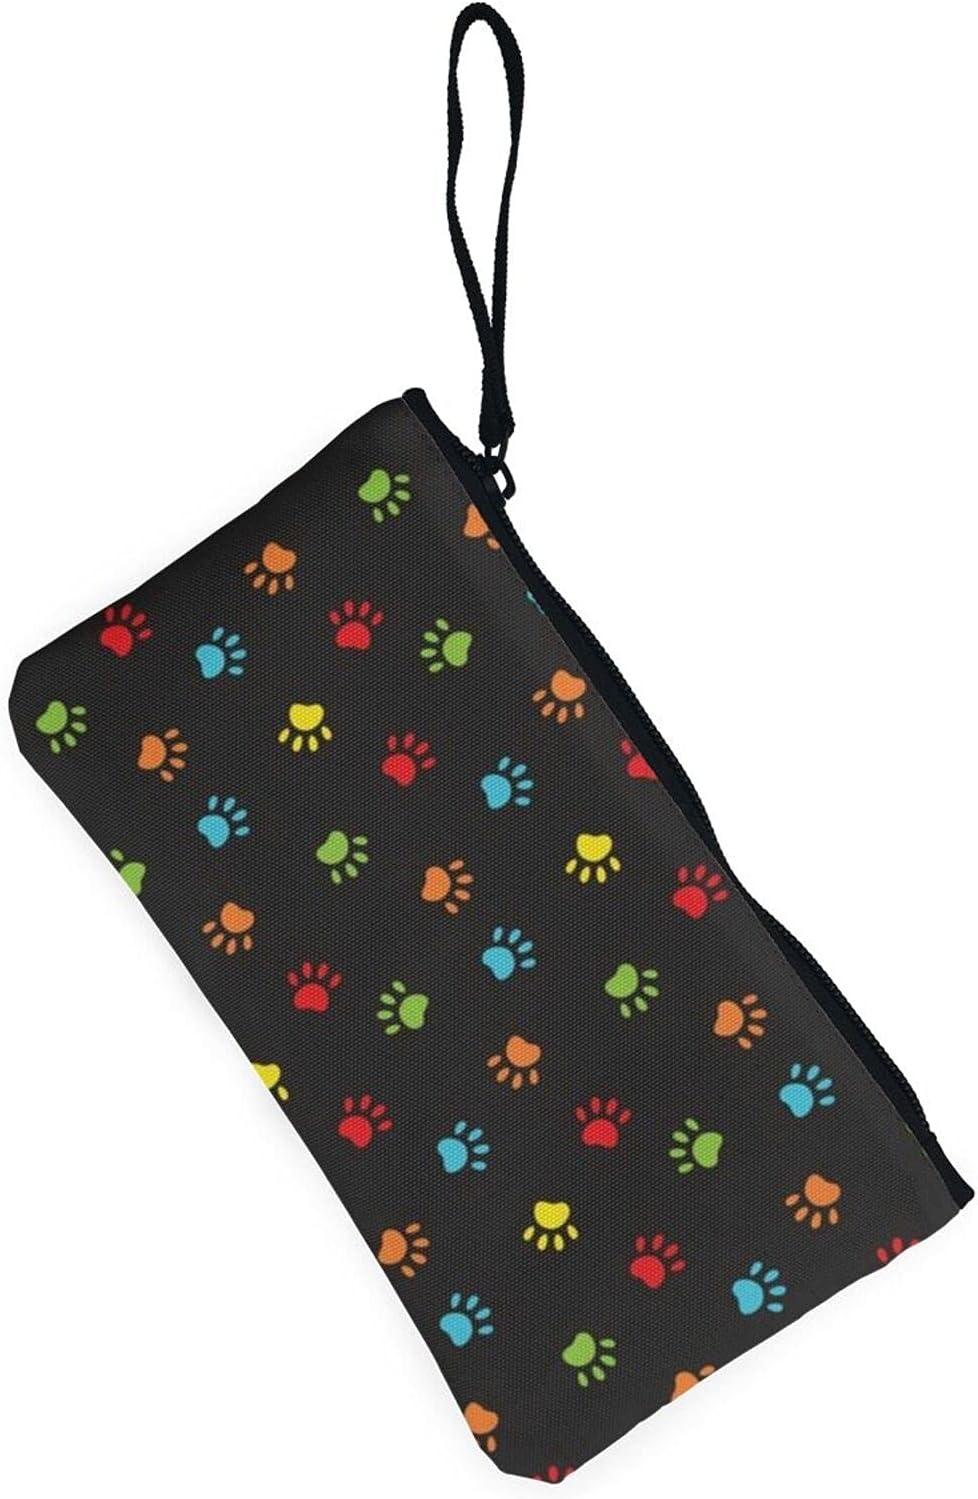 AORRUAM Colorful cow print Canvas Coin Purse,Canvas Zipper Pencil Cases,Canvas Change Purse Pouch Mini Wallet Coin Bag